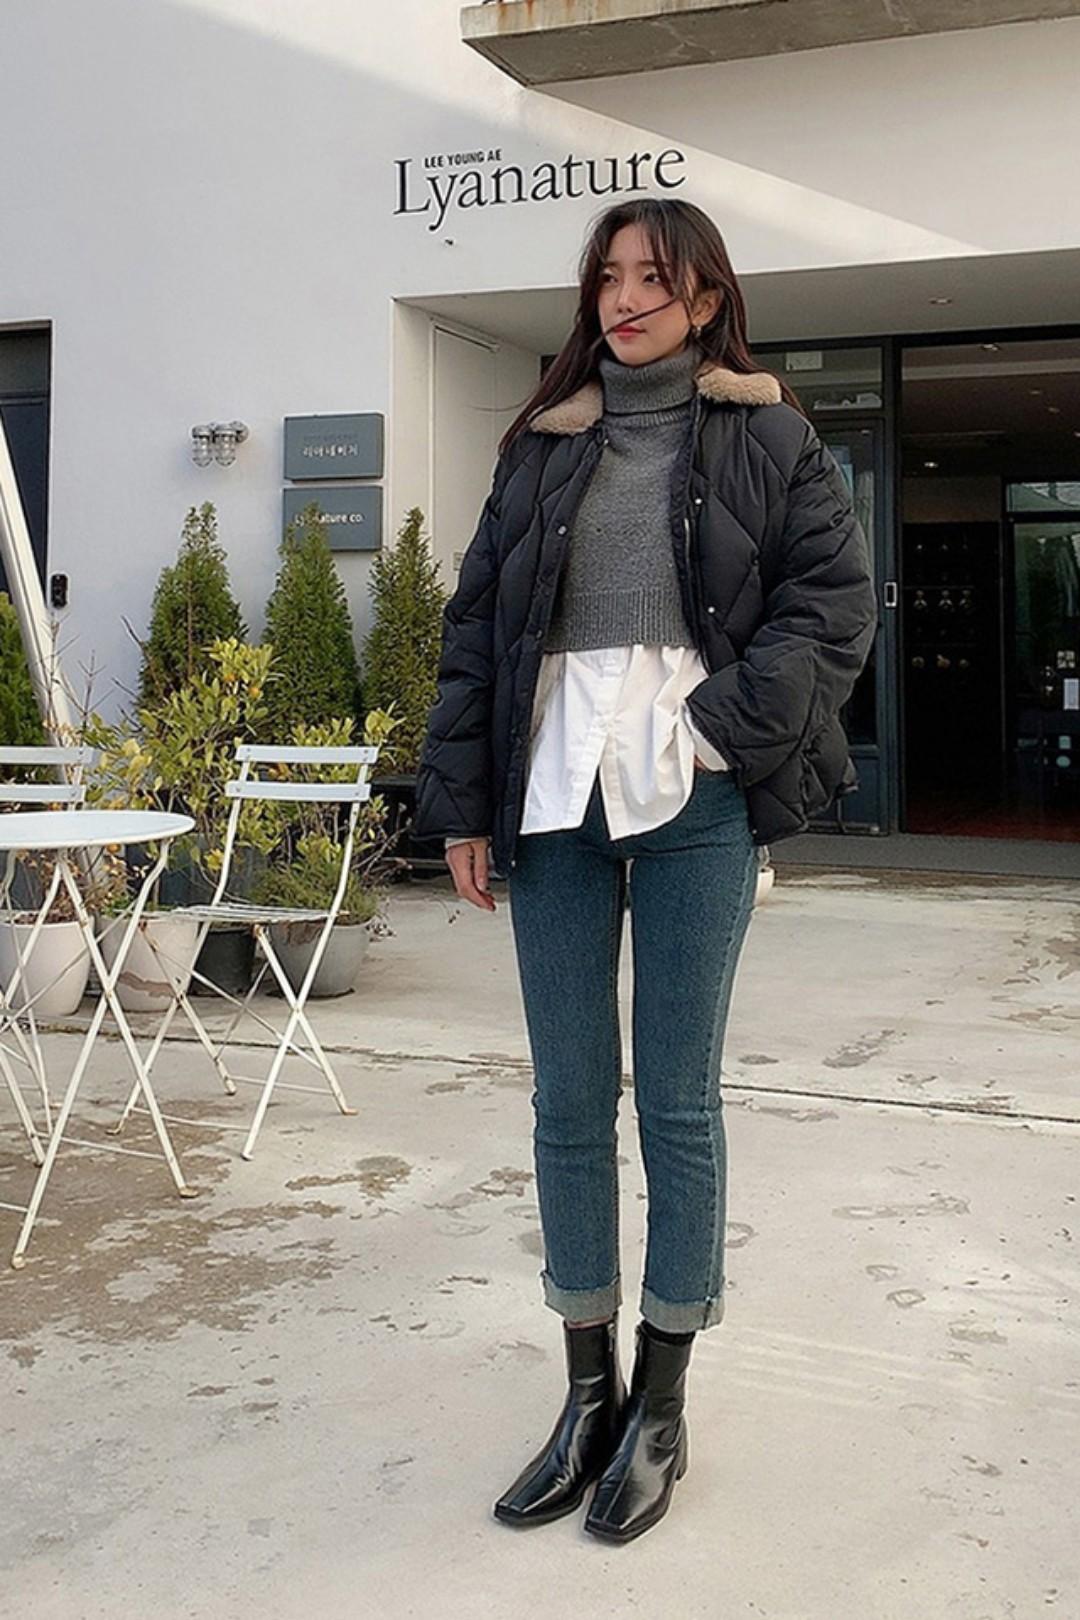 #天冷了,就要把棉被披上身!#날씨가 추워지면 두꺼운 실물을 보온하는 솜을 상신에 걸쳐야 한다!